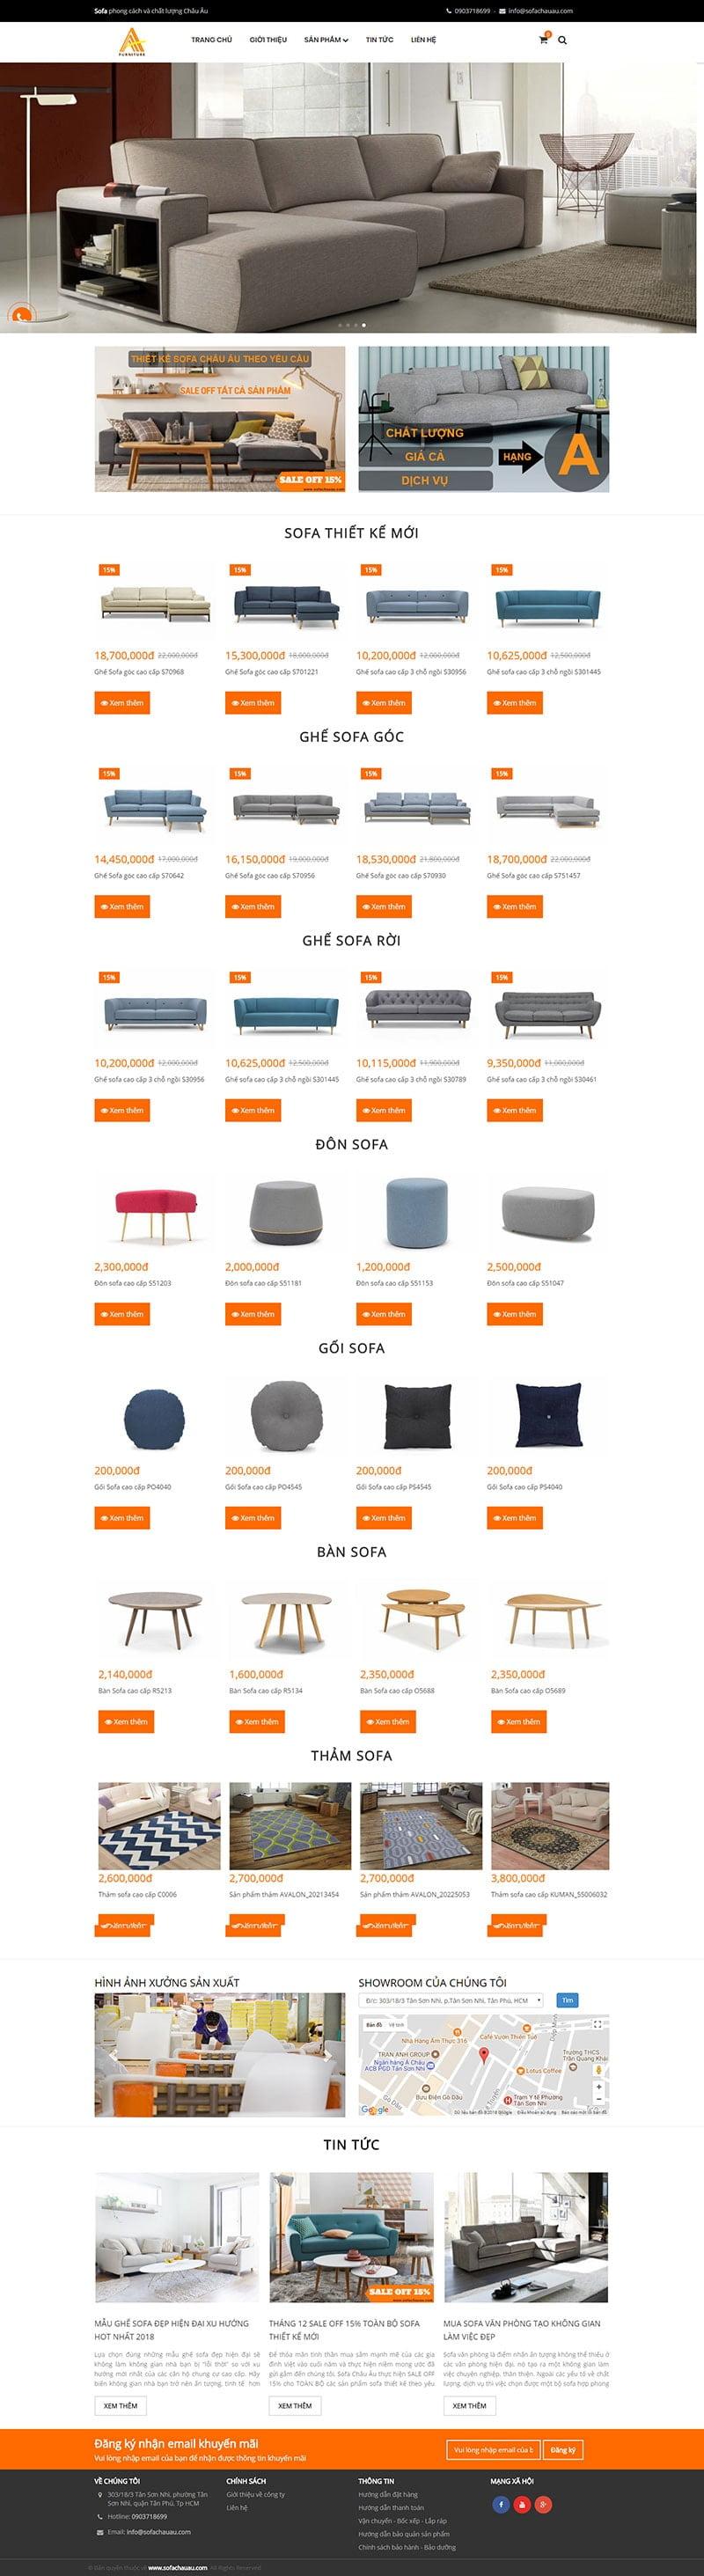 Mẫu website bán hàng sofa-ghế-bàn